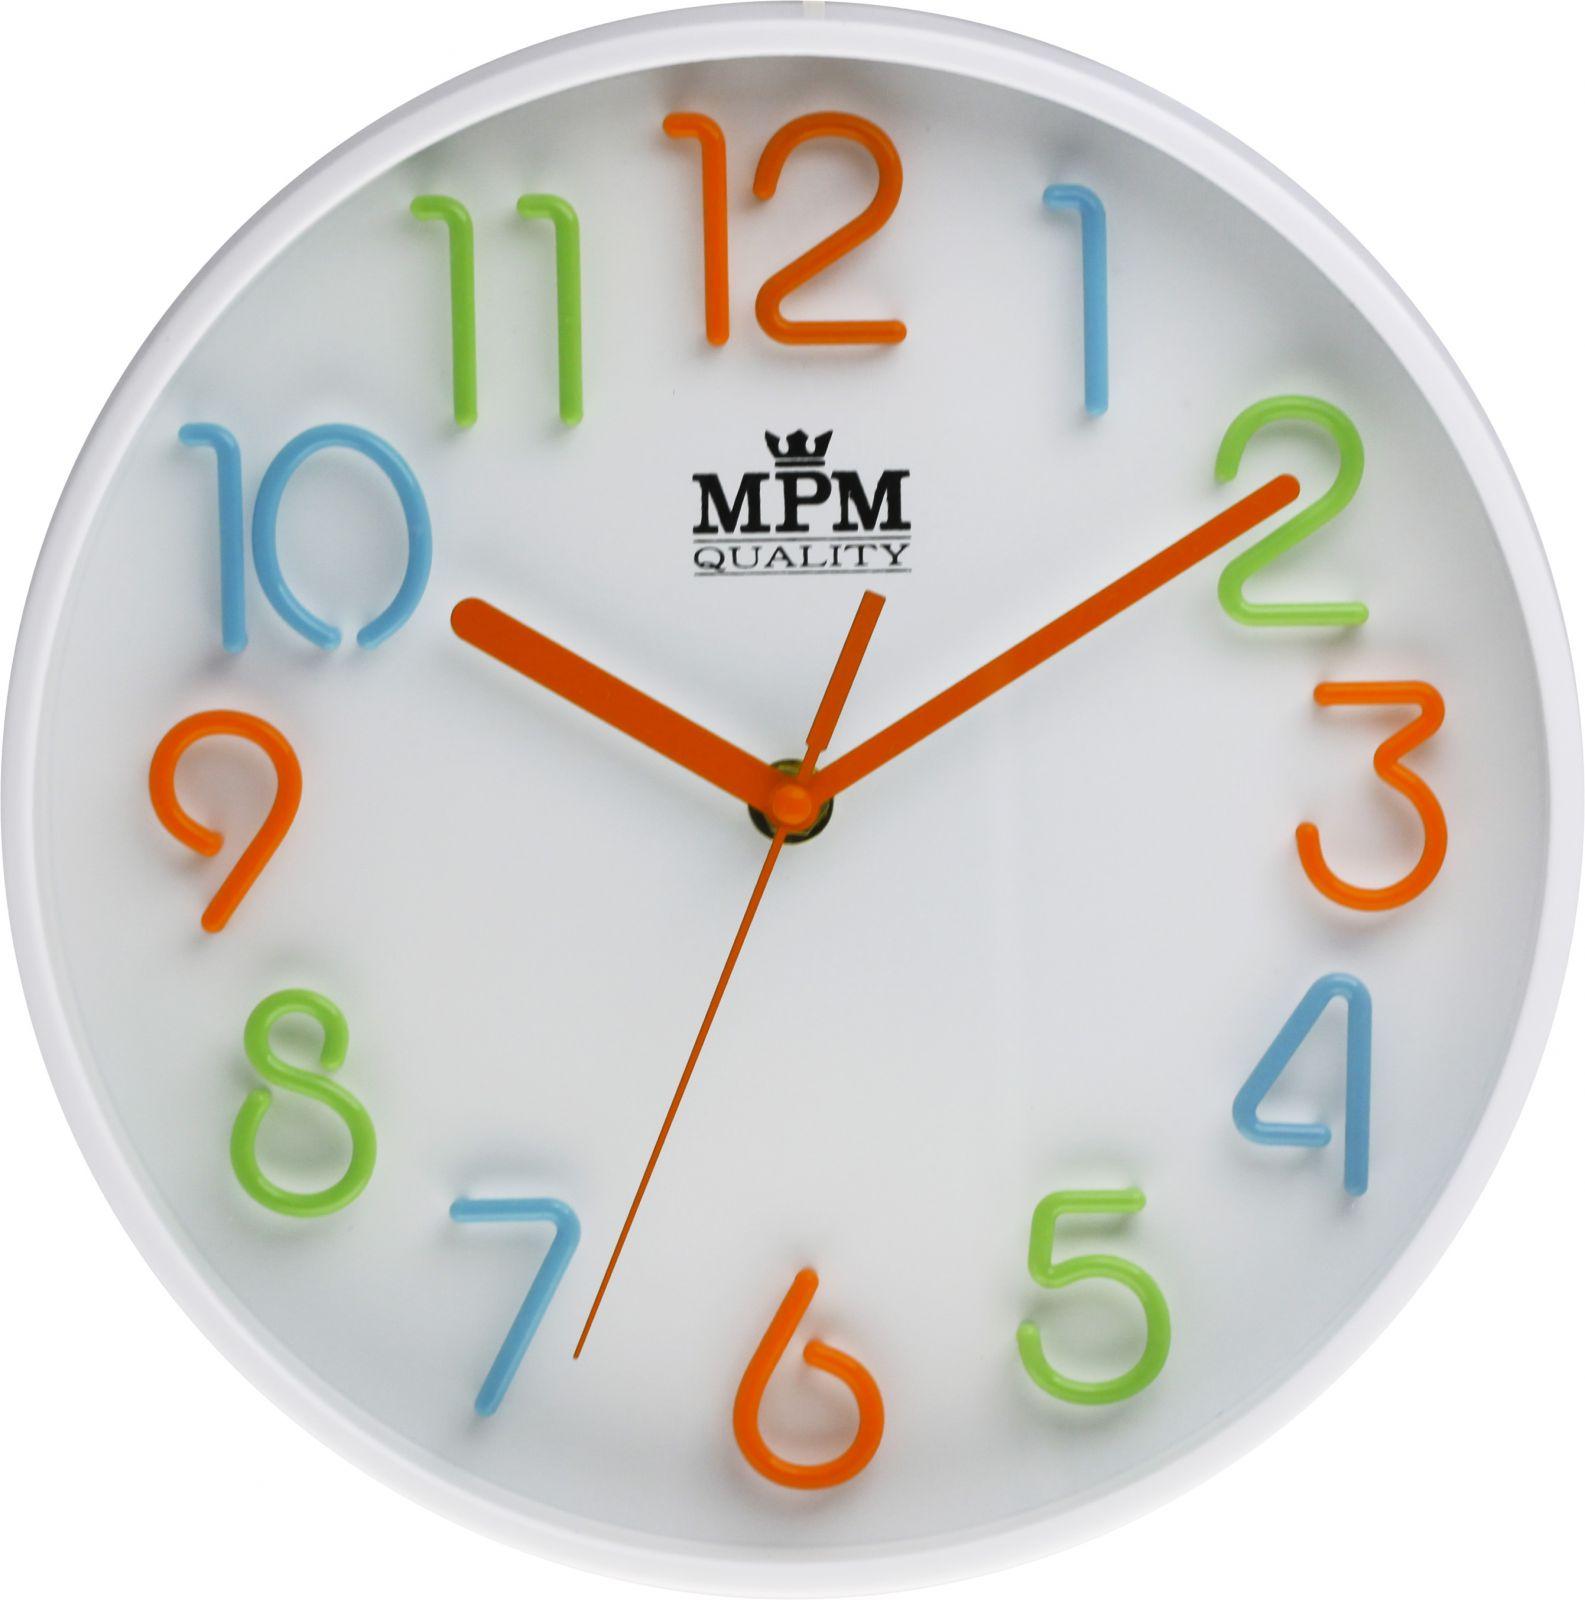 Nástěnné hodiny na stěnu, nástěnné hodiny na zeď kulaté, dětské hodiny